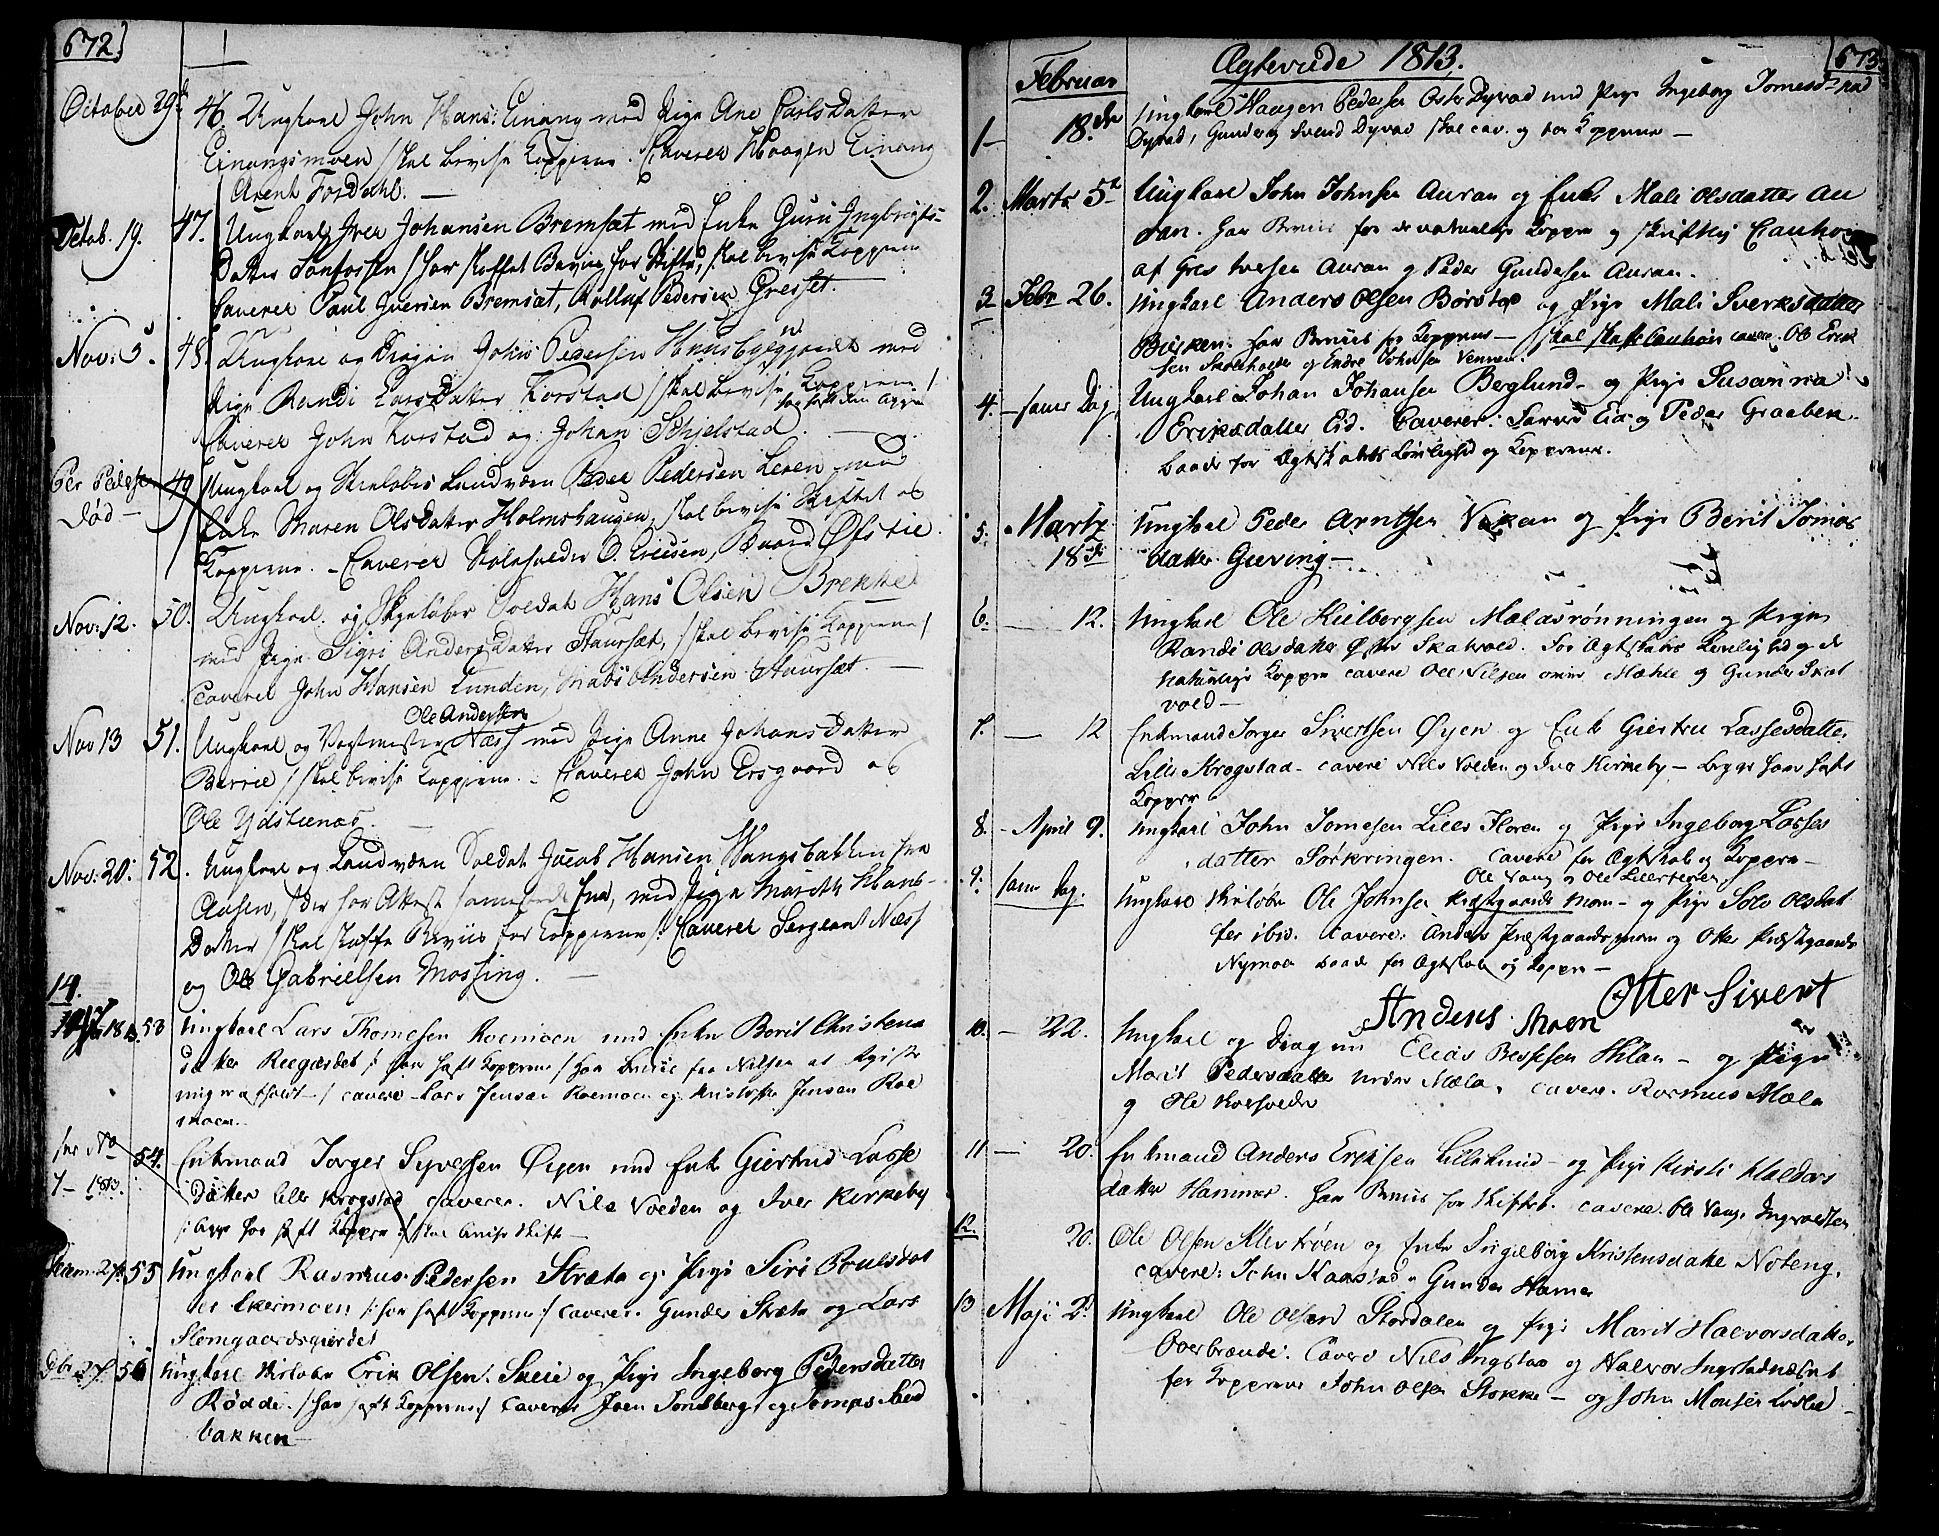 SAT, Ministerialprotokoller, klokkerbøker og fødselsregistre - Nord-Trøndelag, 709/L0060: Ministerialbok nr. 709A07, 1797-1815, s. 672-673